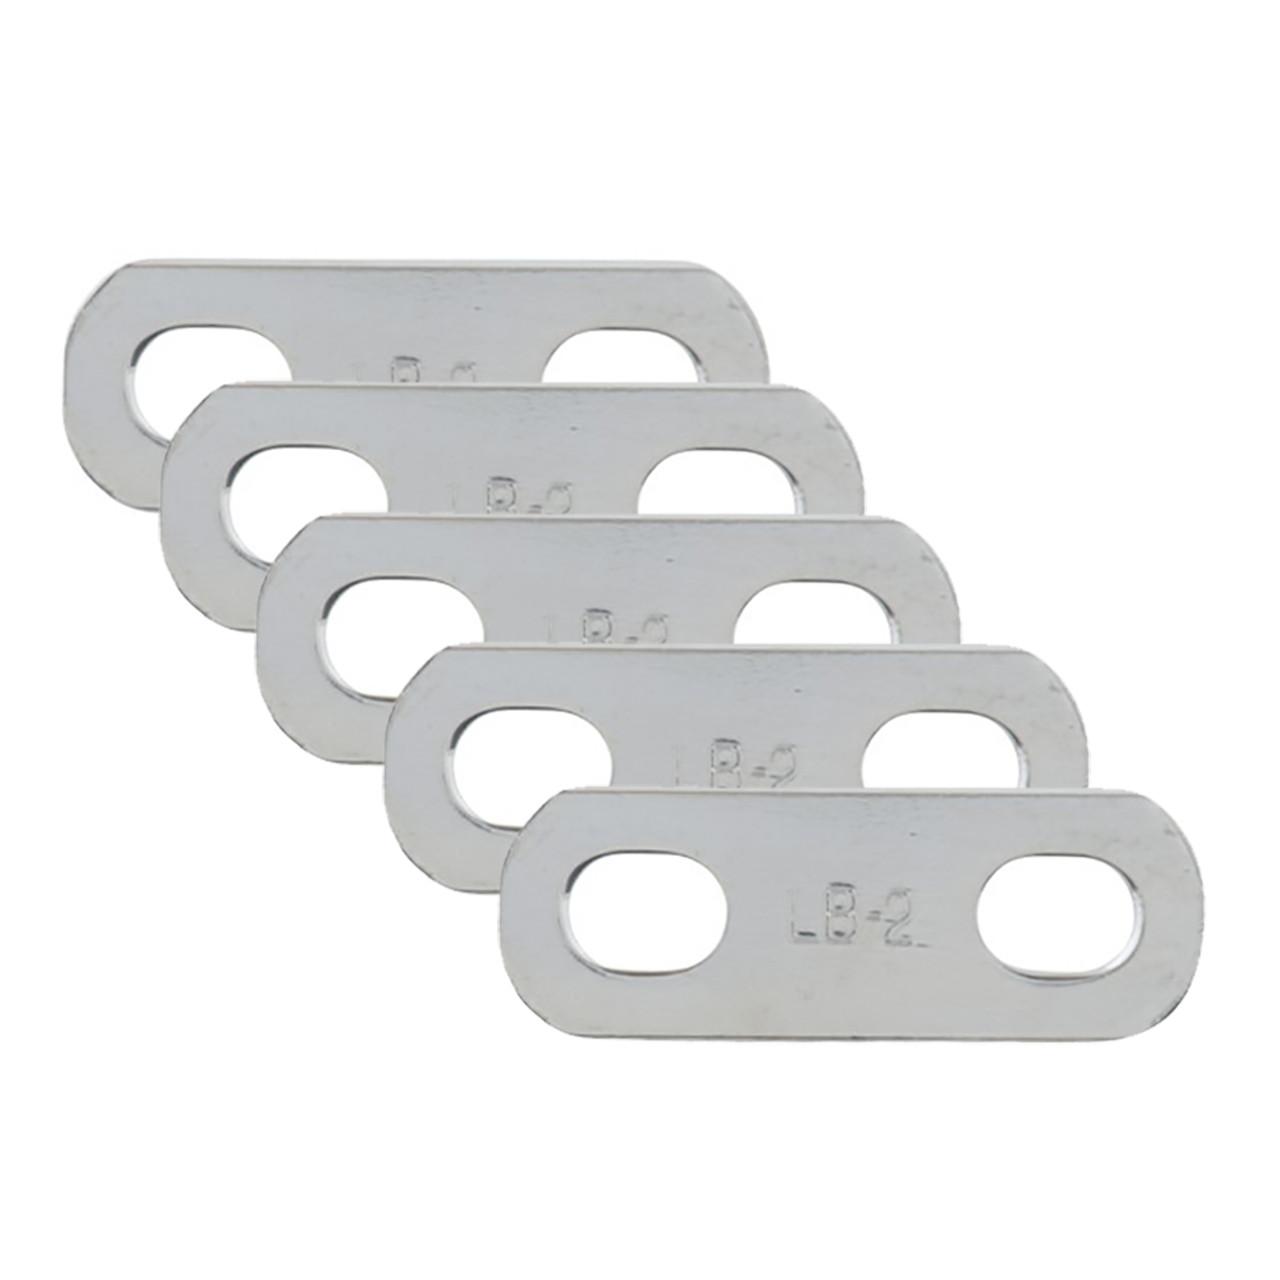 BEP Pro Installer Link Bar 35.5 - 42.5mm *5-Pack [779-LB-2-B5]